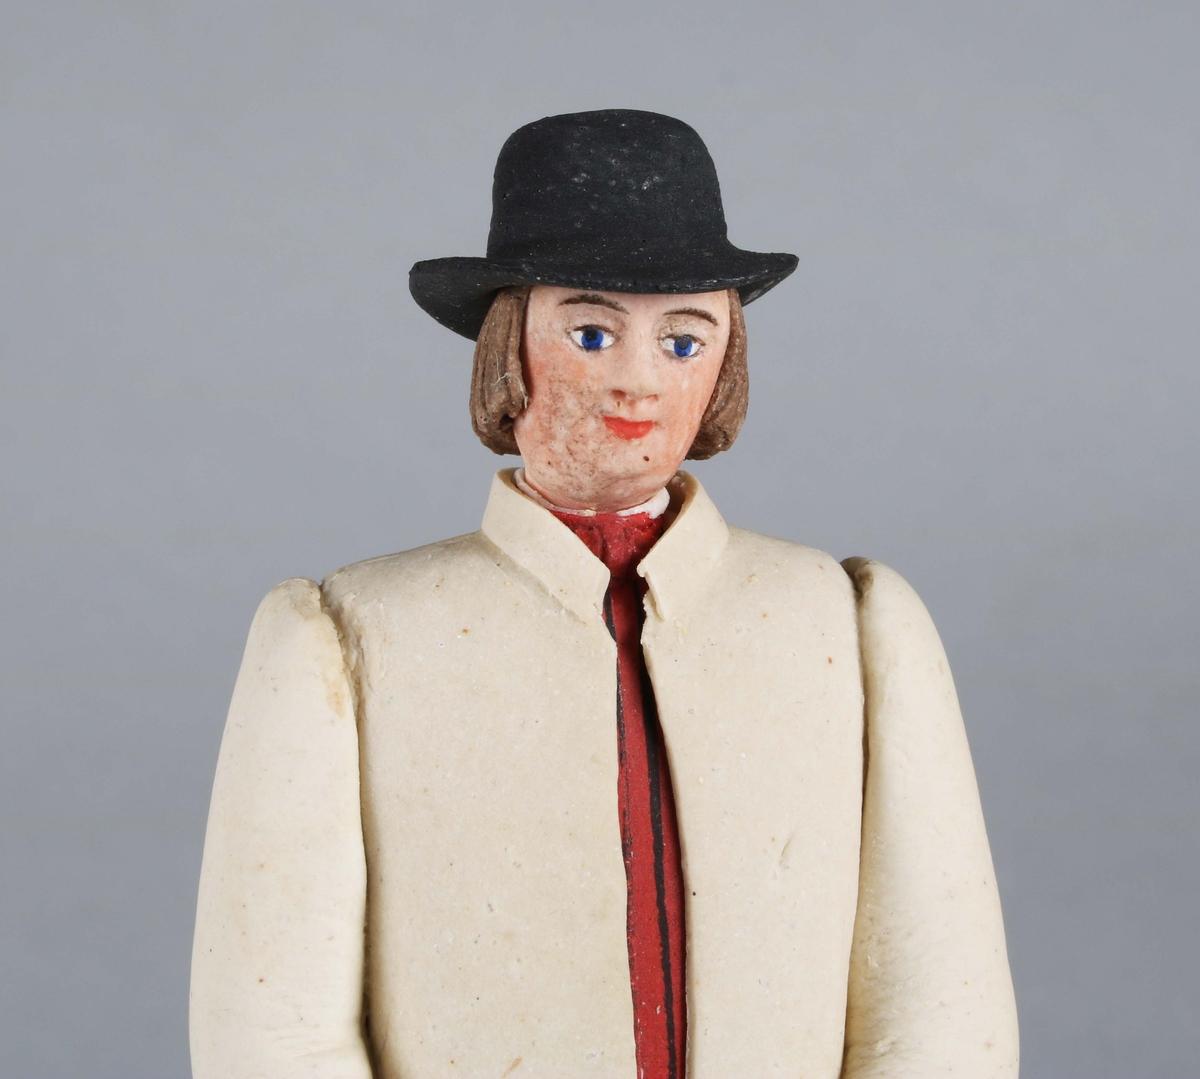 Dragantarbete. Mansfigur. Allmogedräkt. Stående mansfigur iförd svart hatt med platt kulle och rakt brätte, ej så brett. Rakt kortklippt hår. Halsduk i halsen. Ljus  ytterrock med långa ärmar, i vars mittparti synes randig väst, röd och svart. Knäkort, ljus, aprikosfärgad byxa, med vita tofsbollar vid knäet. Vita strumpor. Svarta skor. Brun promenadkäpp. Står på grått underlag bestående av åttkantig platta.  Tillverkad av Hilda Boström (1822-1903), sockerbagare, Borås.  Litt: Se Årsbok 1963, sidan 44.  Funktion: Prydnadsfigur